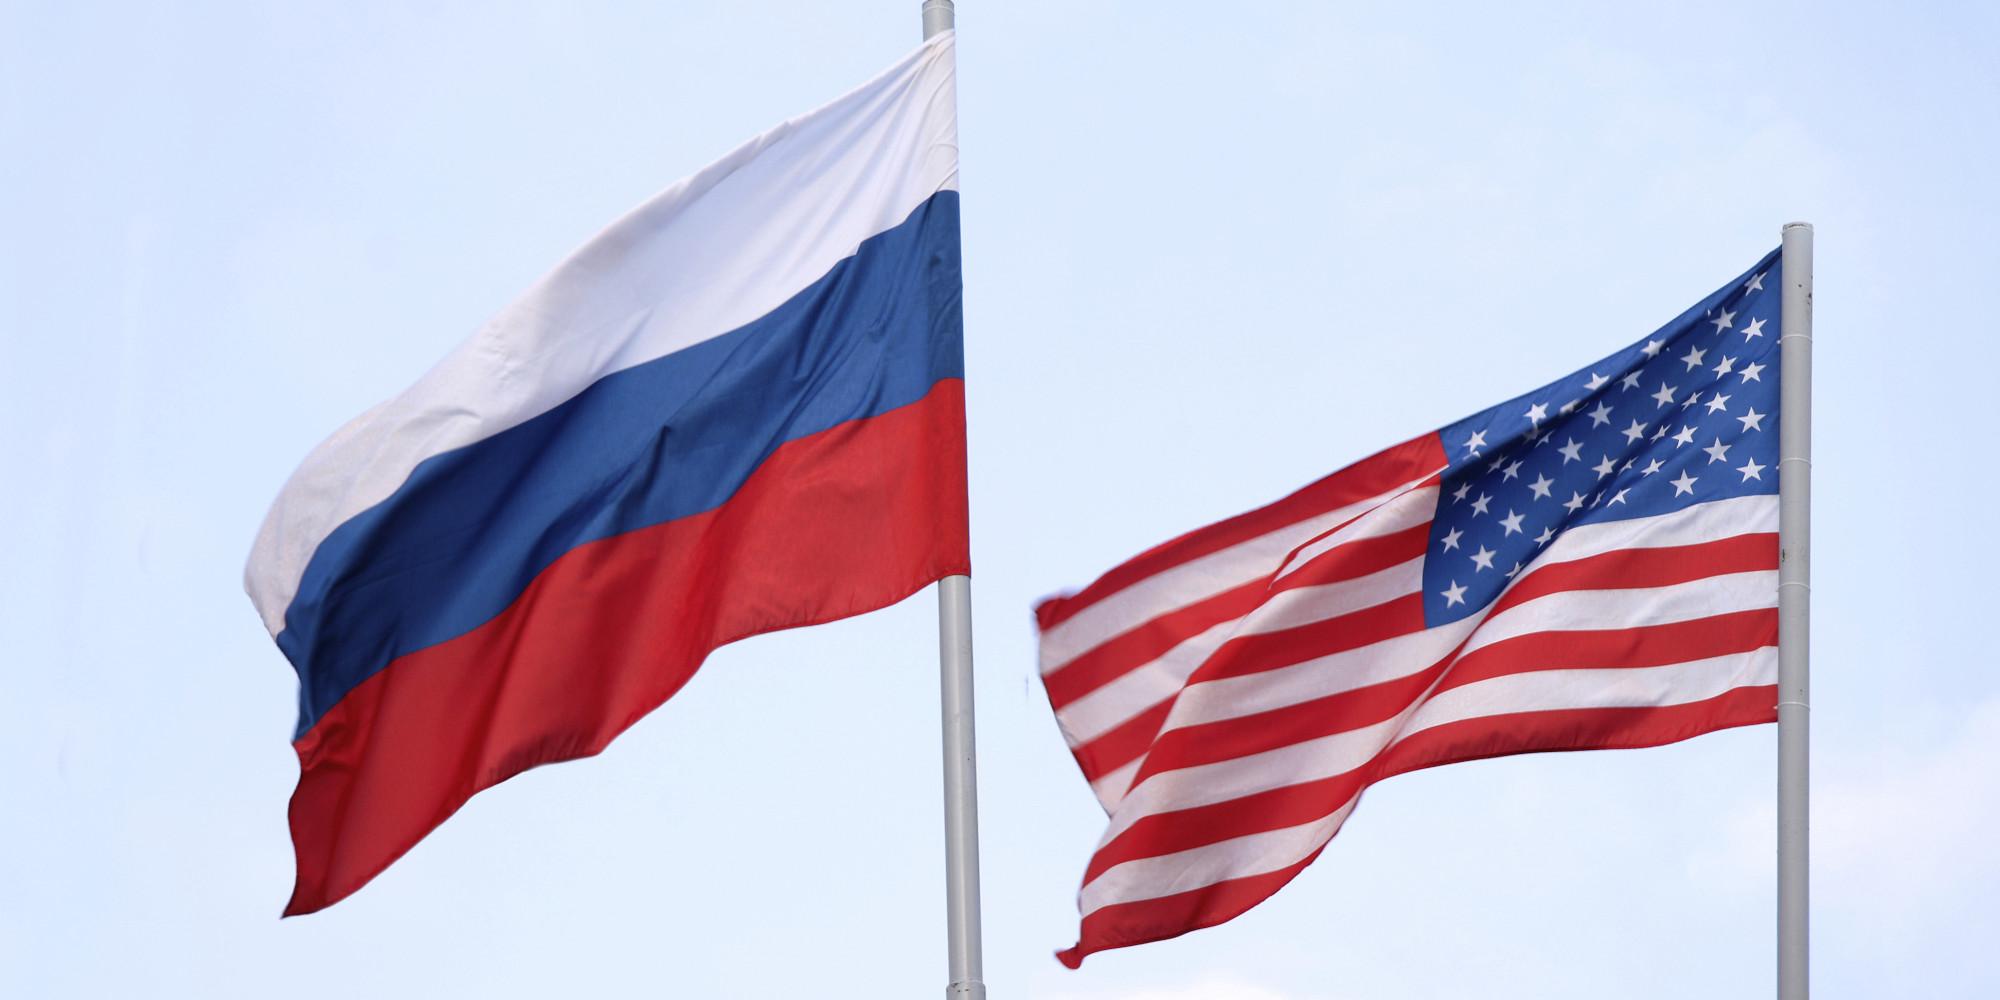 روسییانین بو هوجومو ۱۱ سئنتیابر اولایینا برابردیر - وایکسئرس